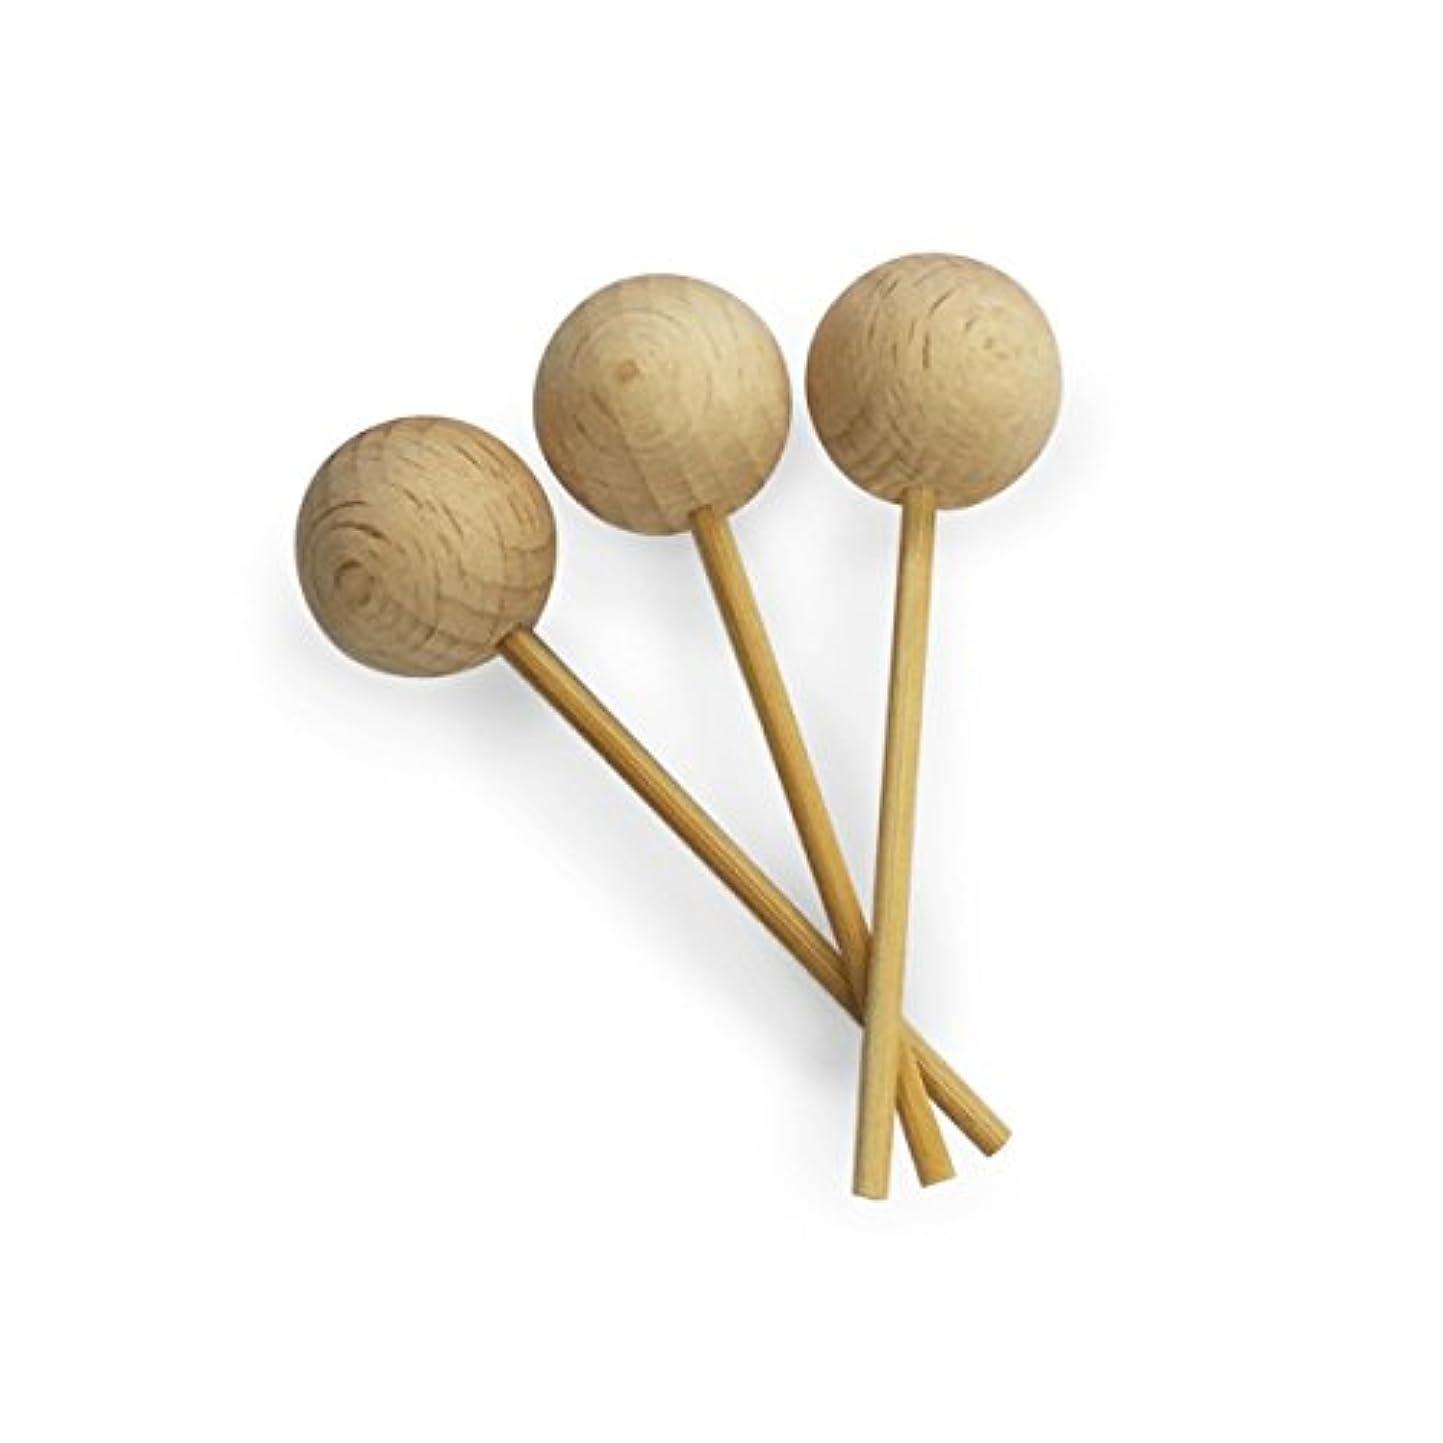 絶滅道に迷いました勝つカリス成城 アロマ芳香器 木のお家 交換用木製スティック3本入